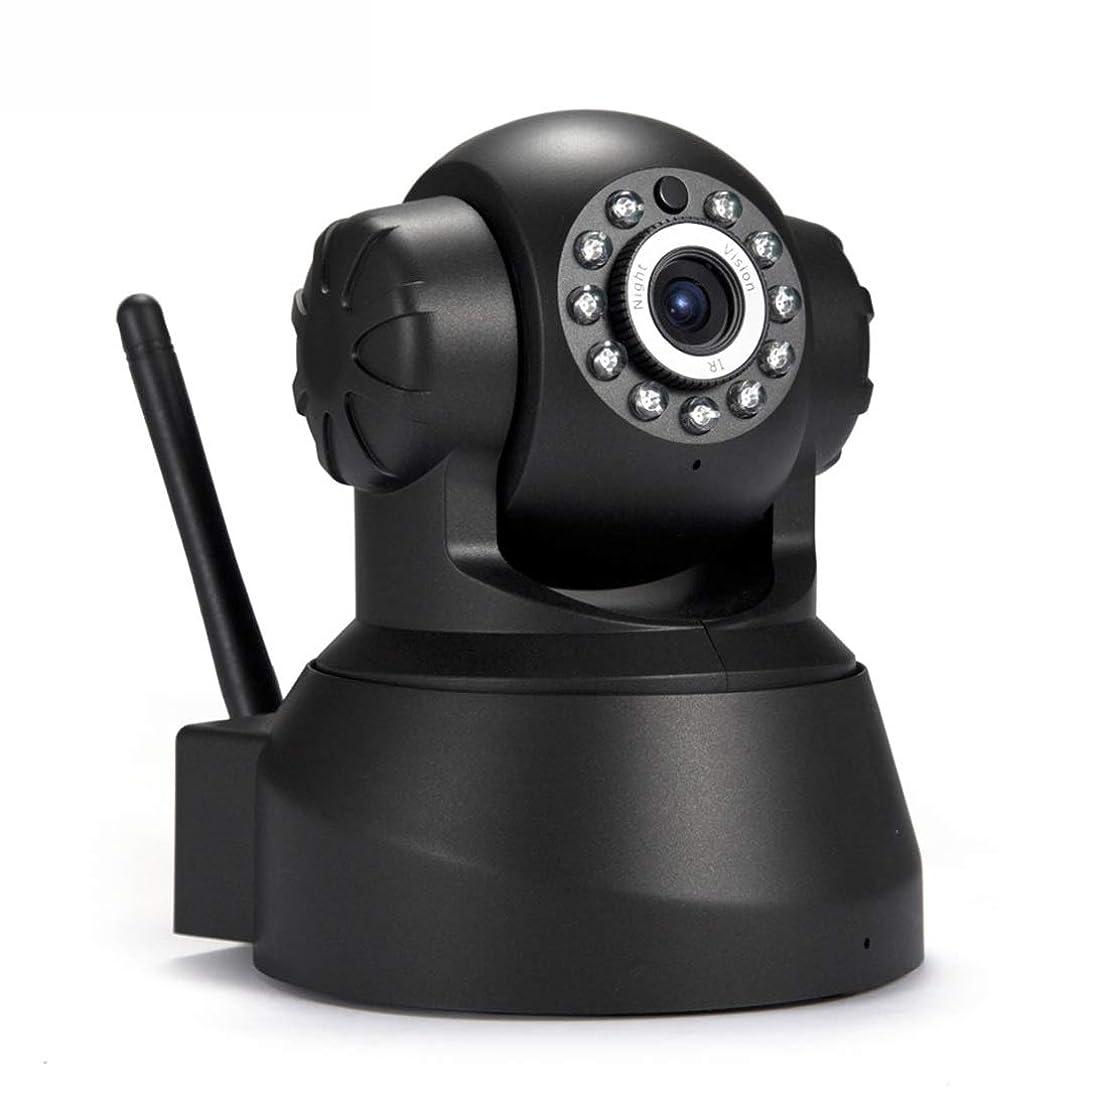 バーベキュー定数瞳影寳服装店 720P HD無線ネットワークカメラWIFIカメラipcamera